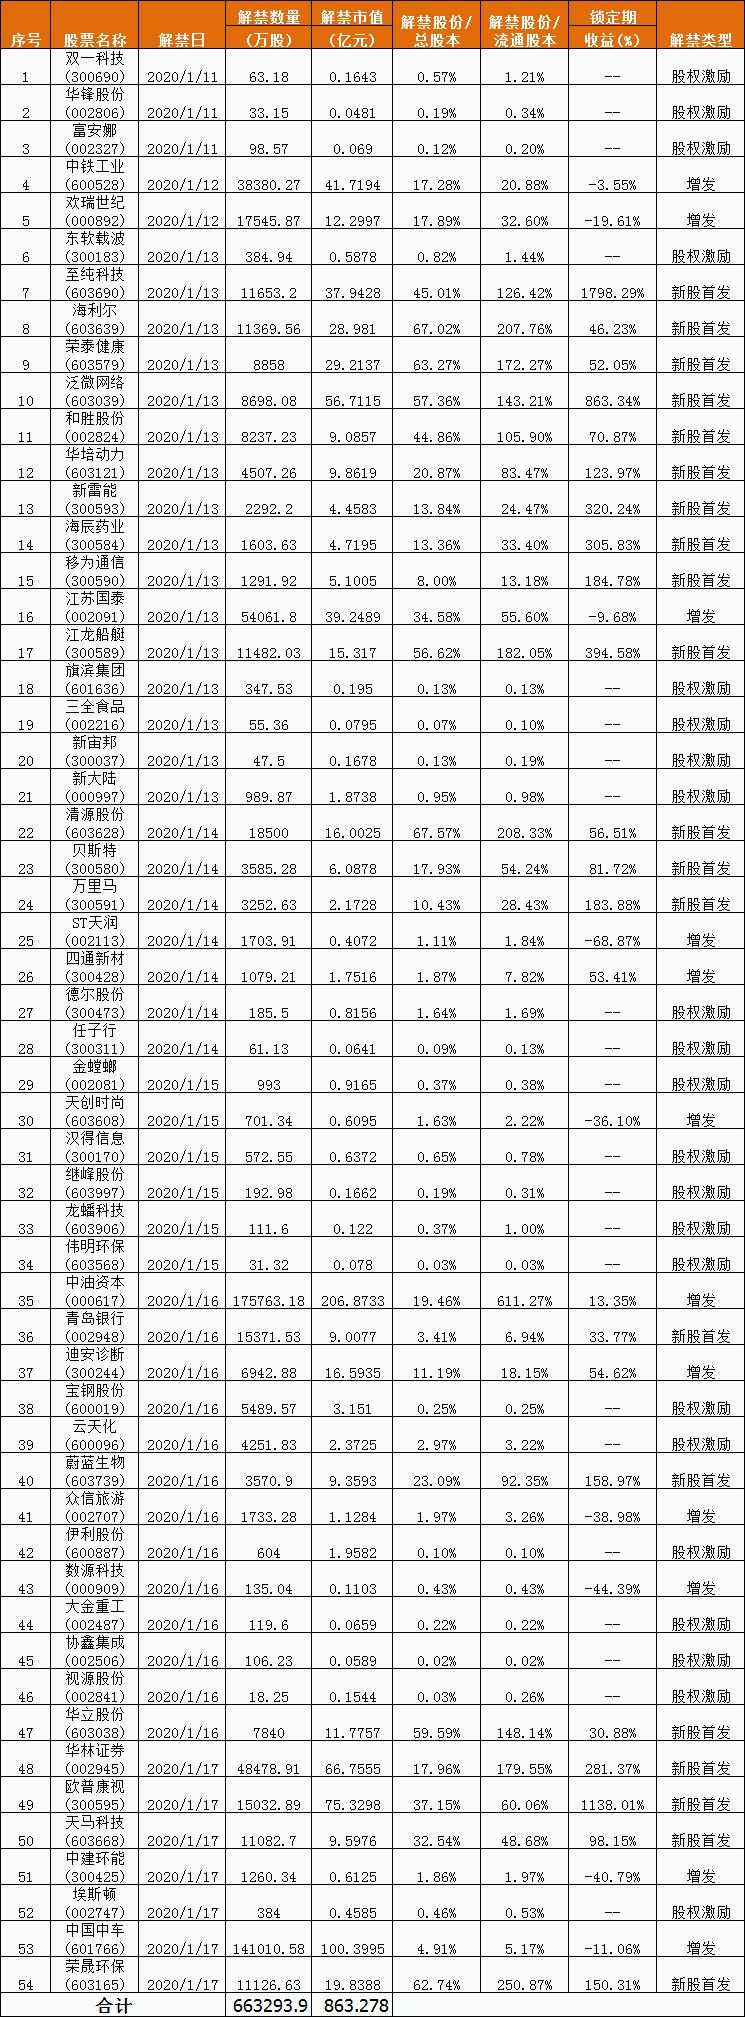 [加急]下周解禁市值环比增逾7成 中油资本、中国中车灯迎解禁